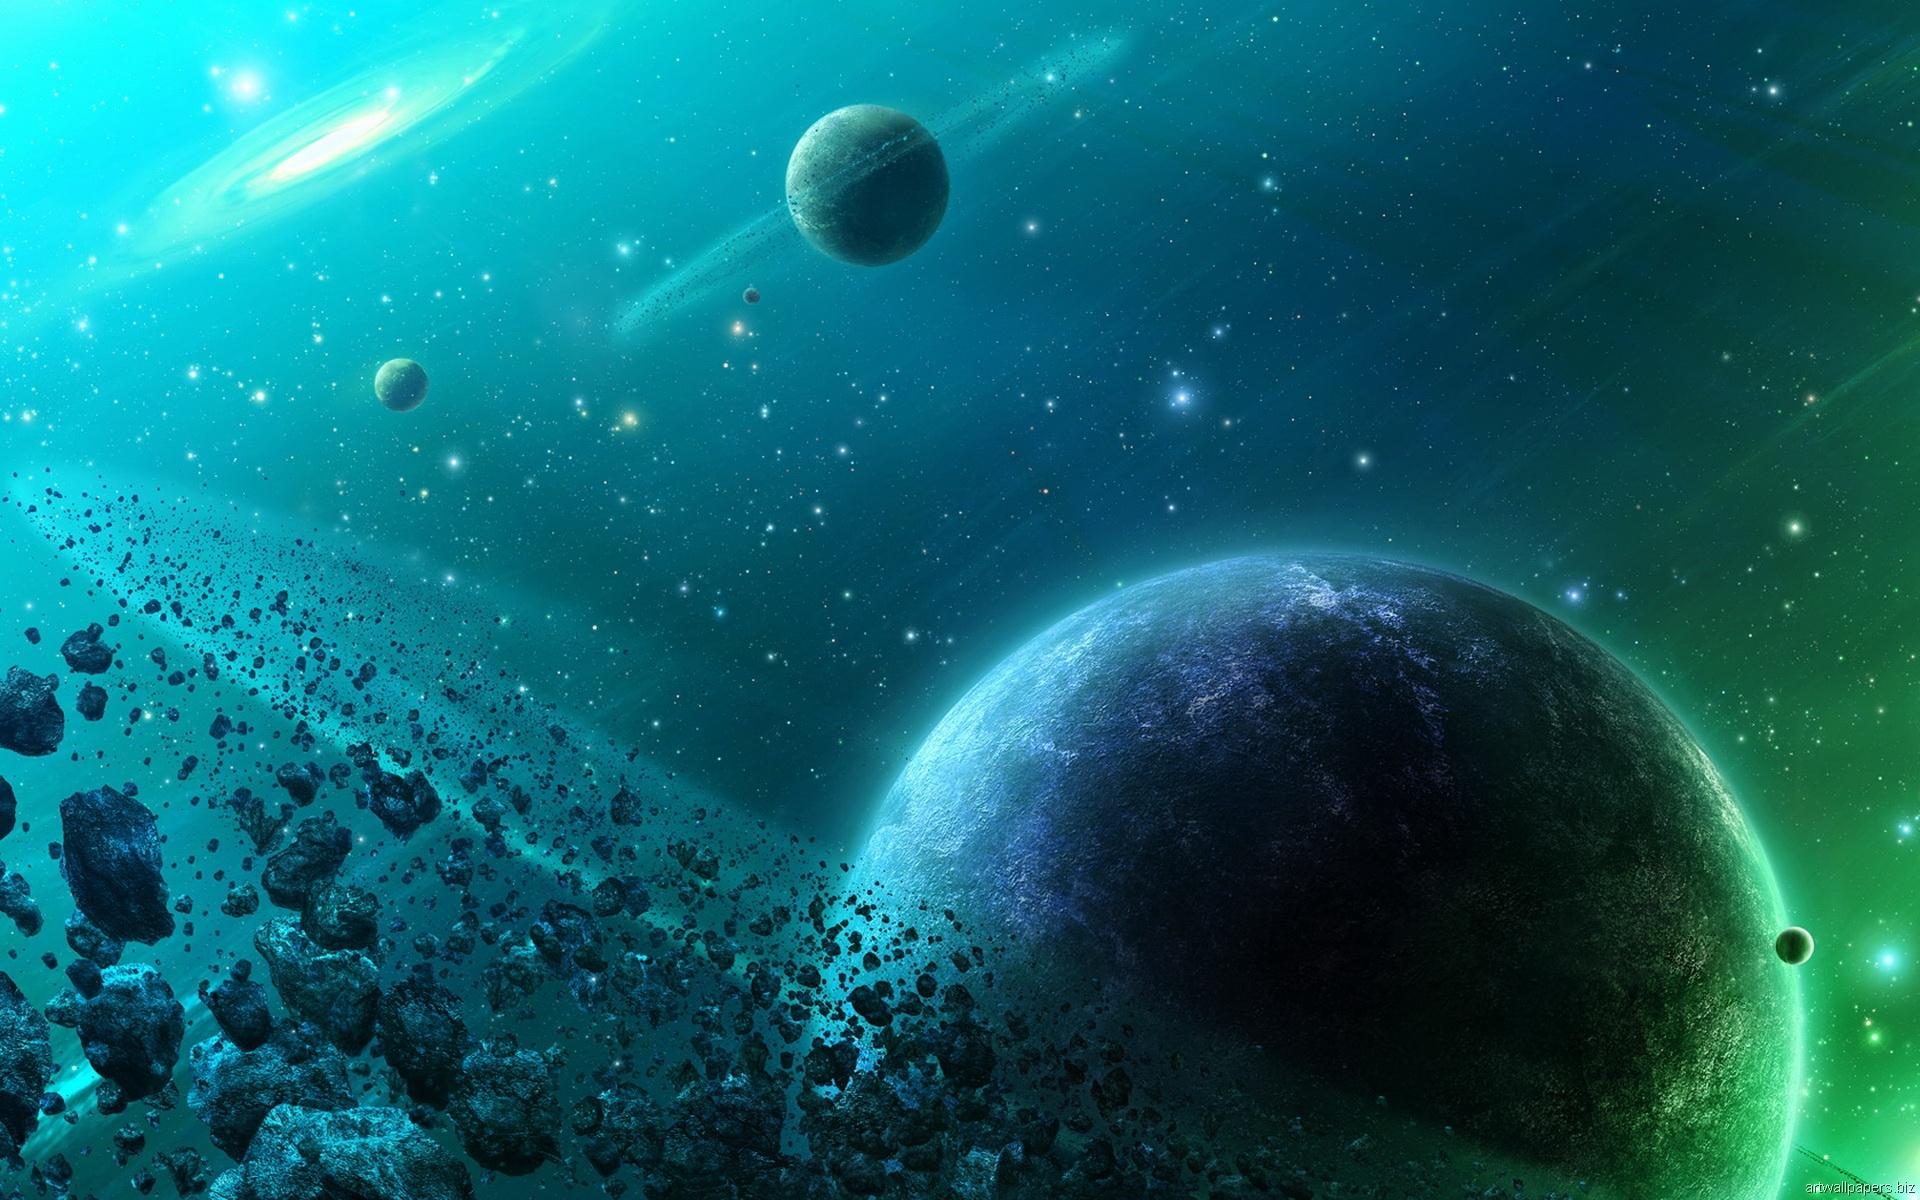 Обои Темная планета картинки на рабочий стол на тему Космос - скачать  № 1763063  скачать